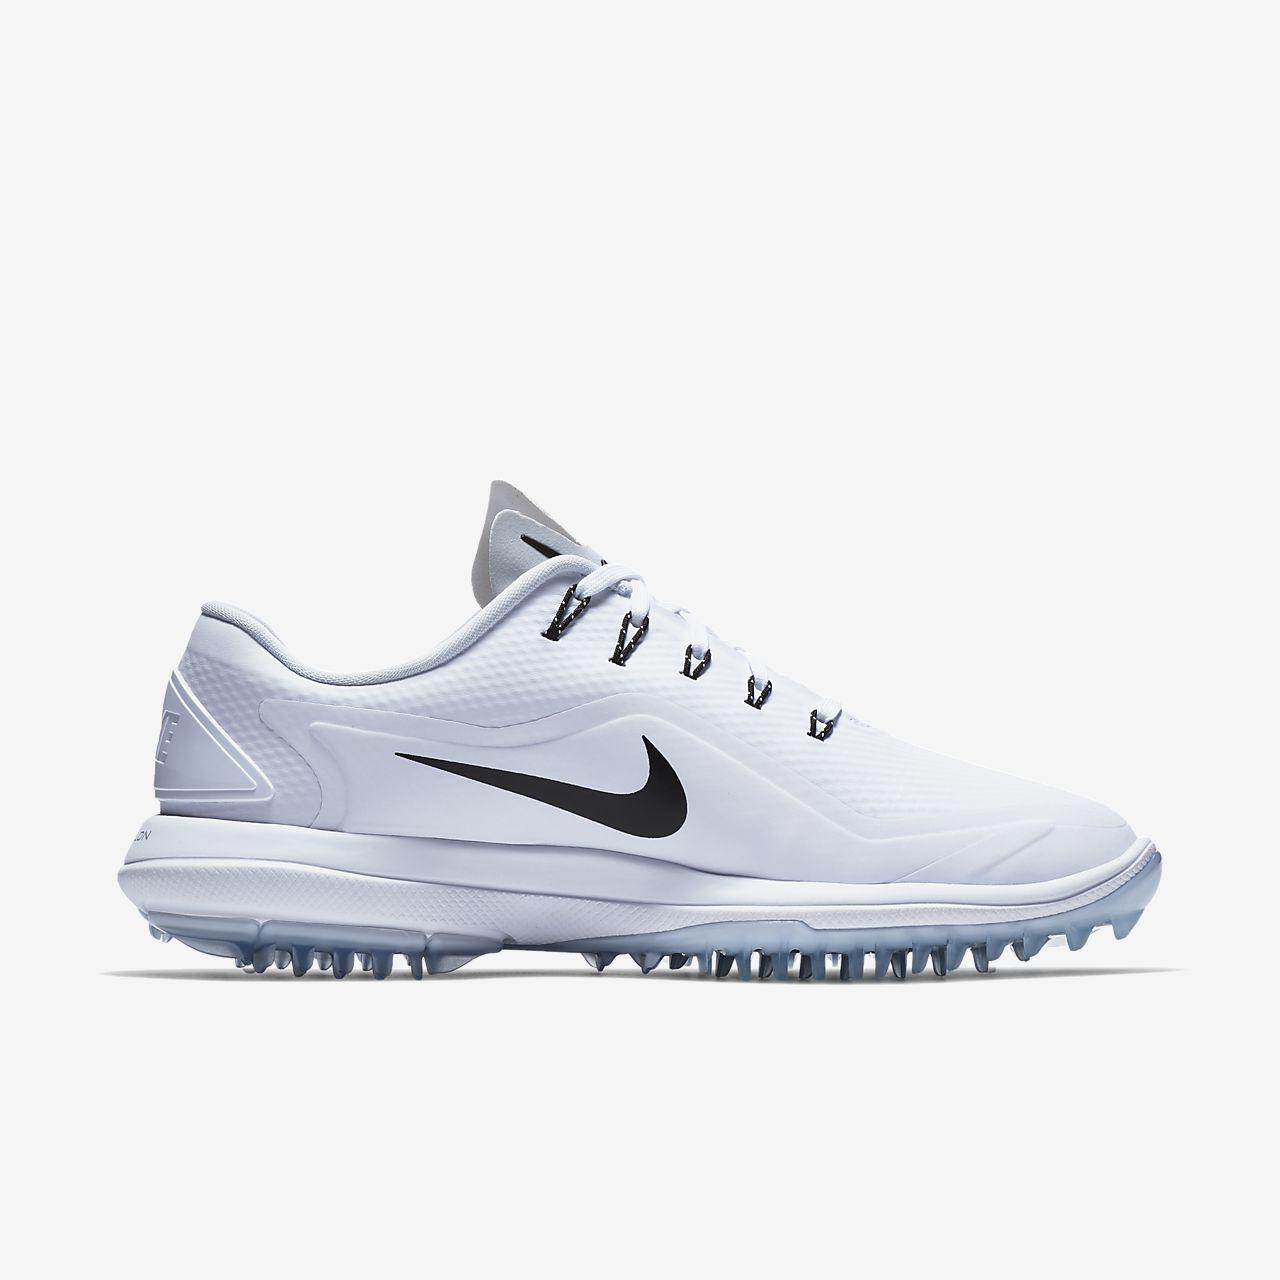 021ed8cb2f40d1 Nike Lunar Control Vapor 2 Women s Golf Shoe. Nike.com EG